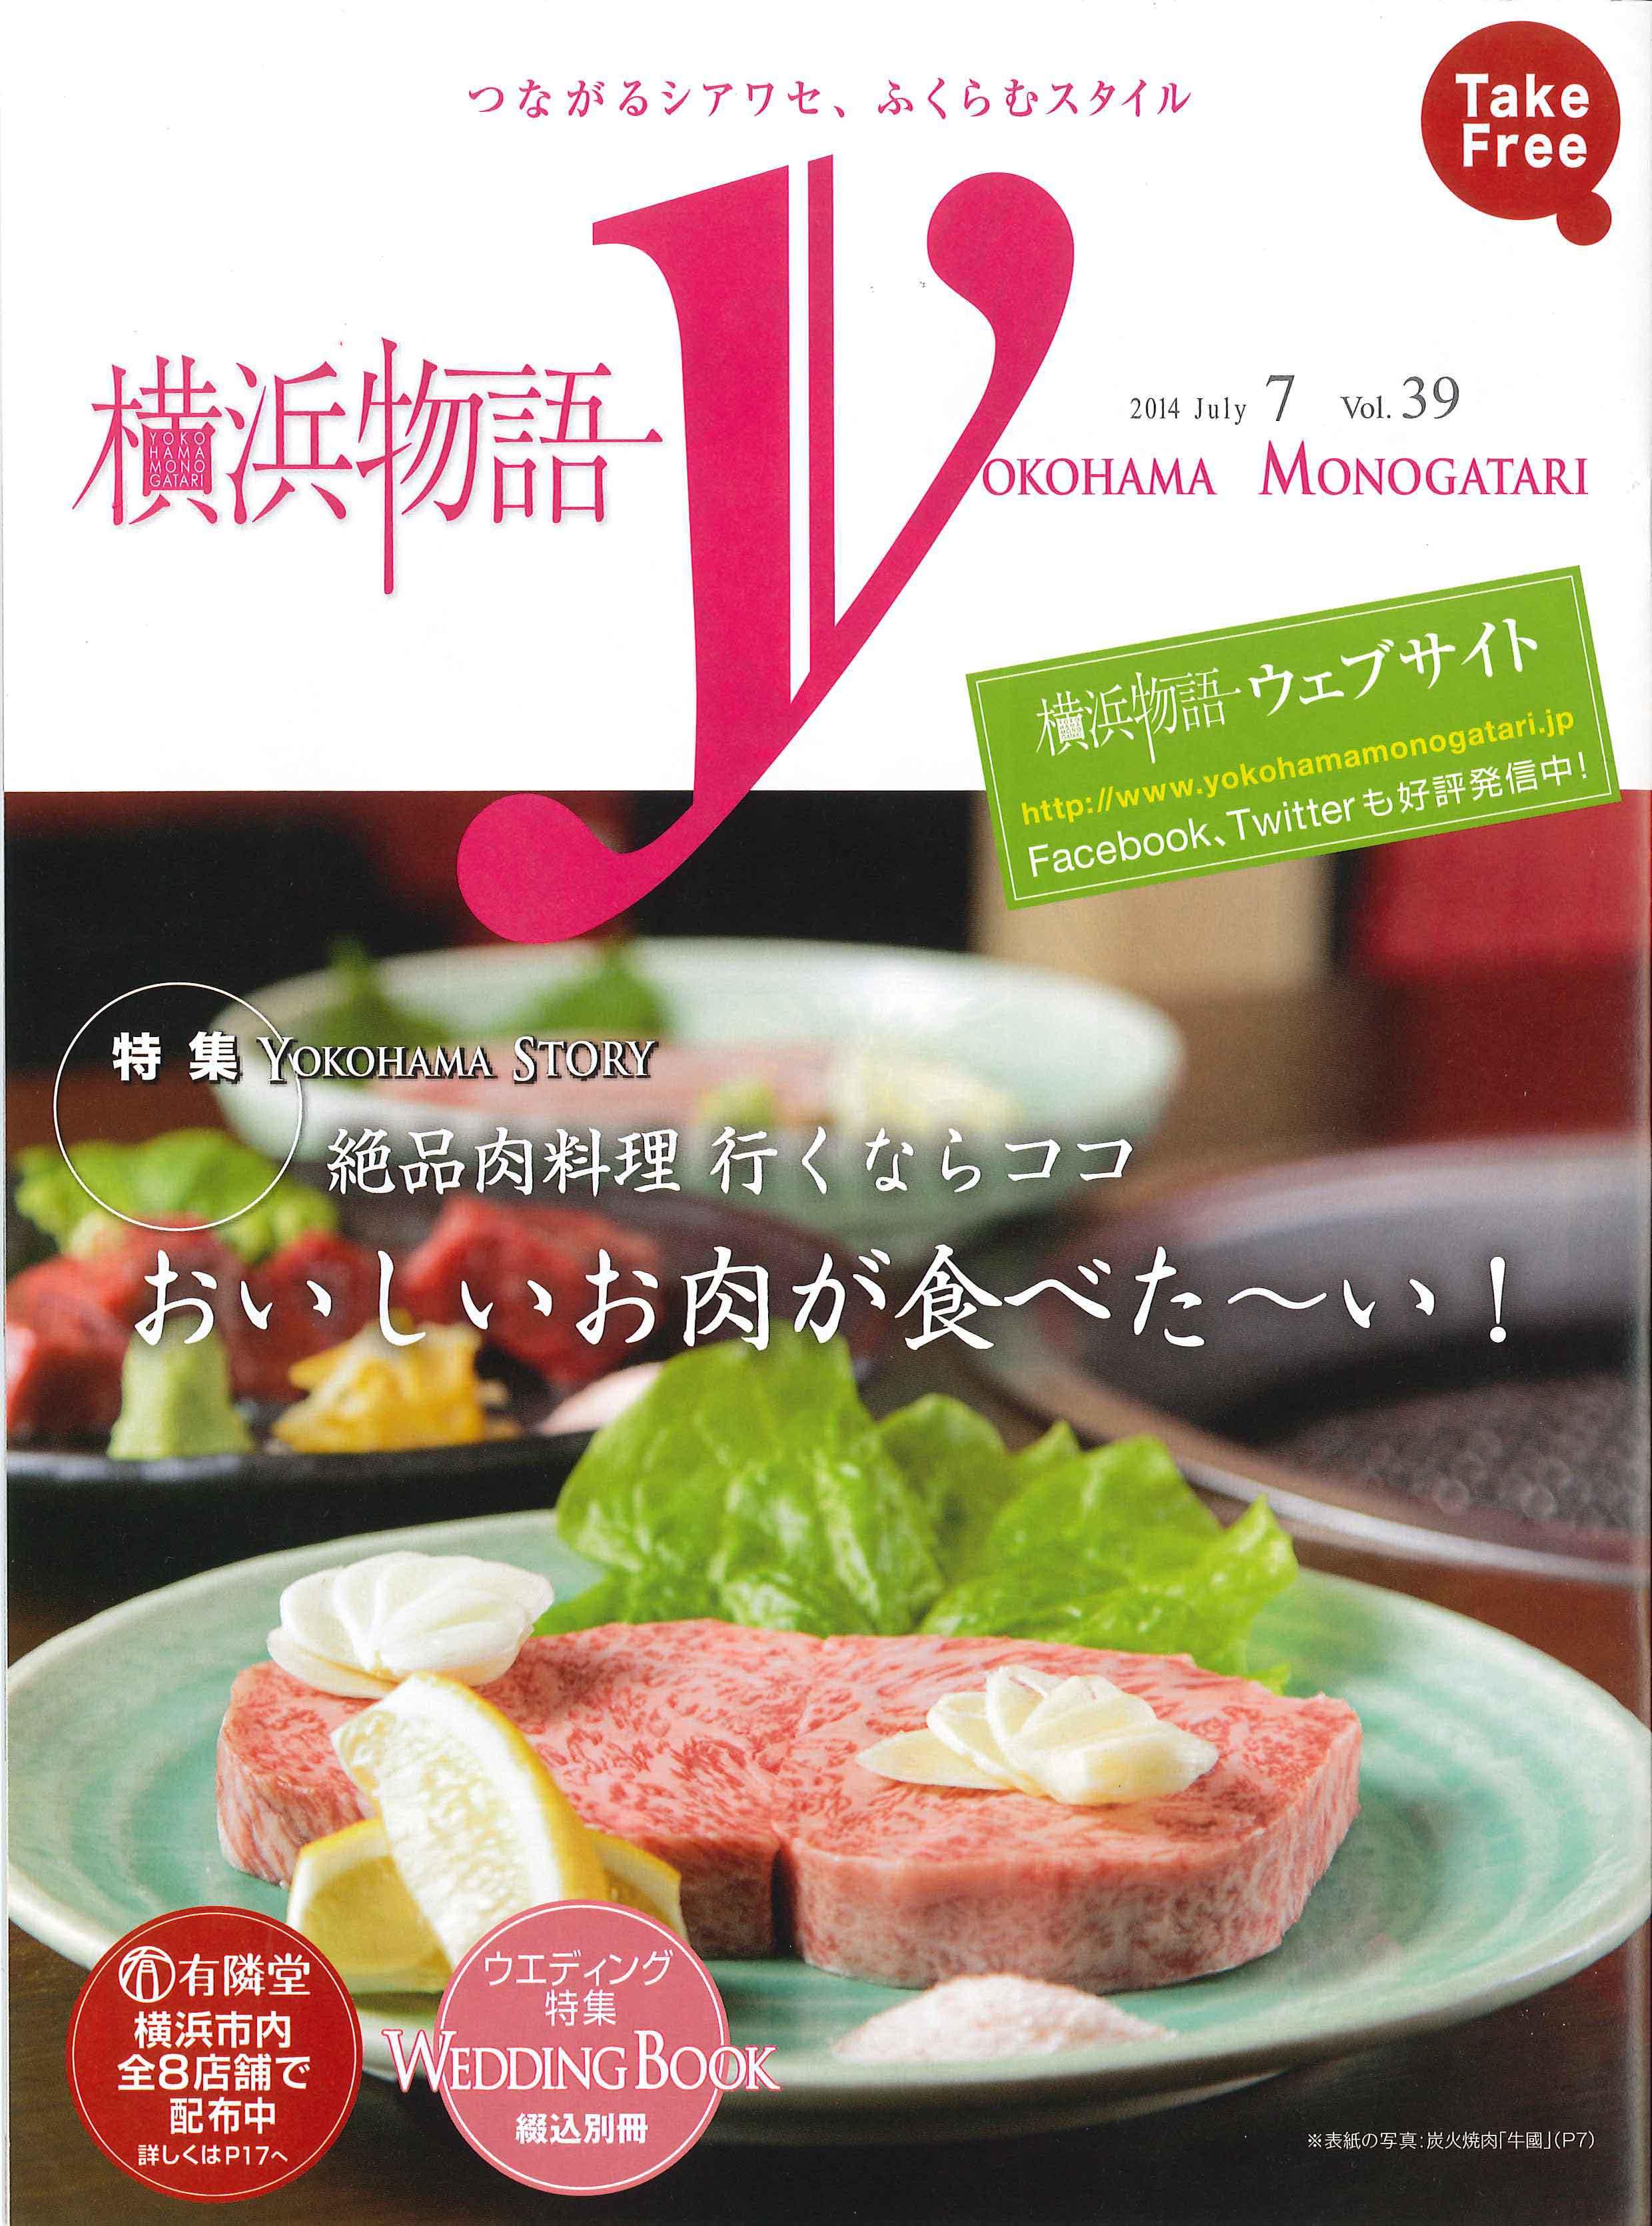 「横浜物語」Vol.39